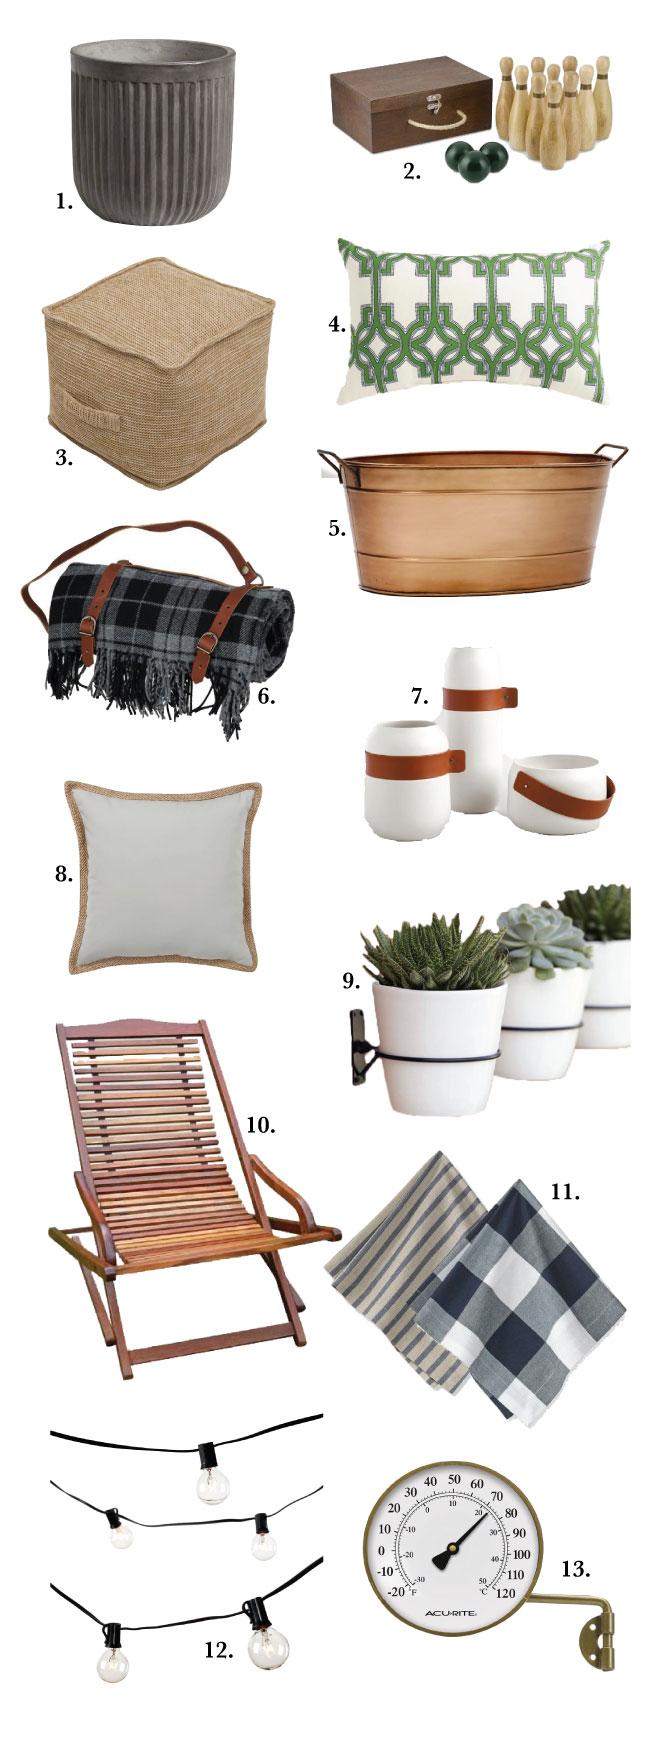 The-Best-Outdoor-Accessories